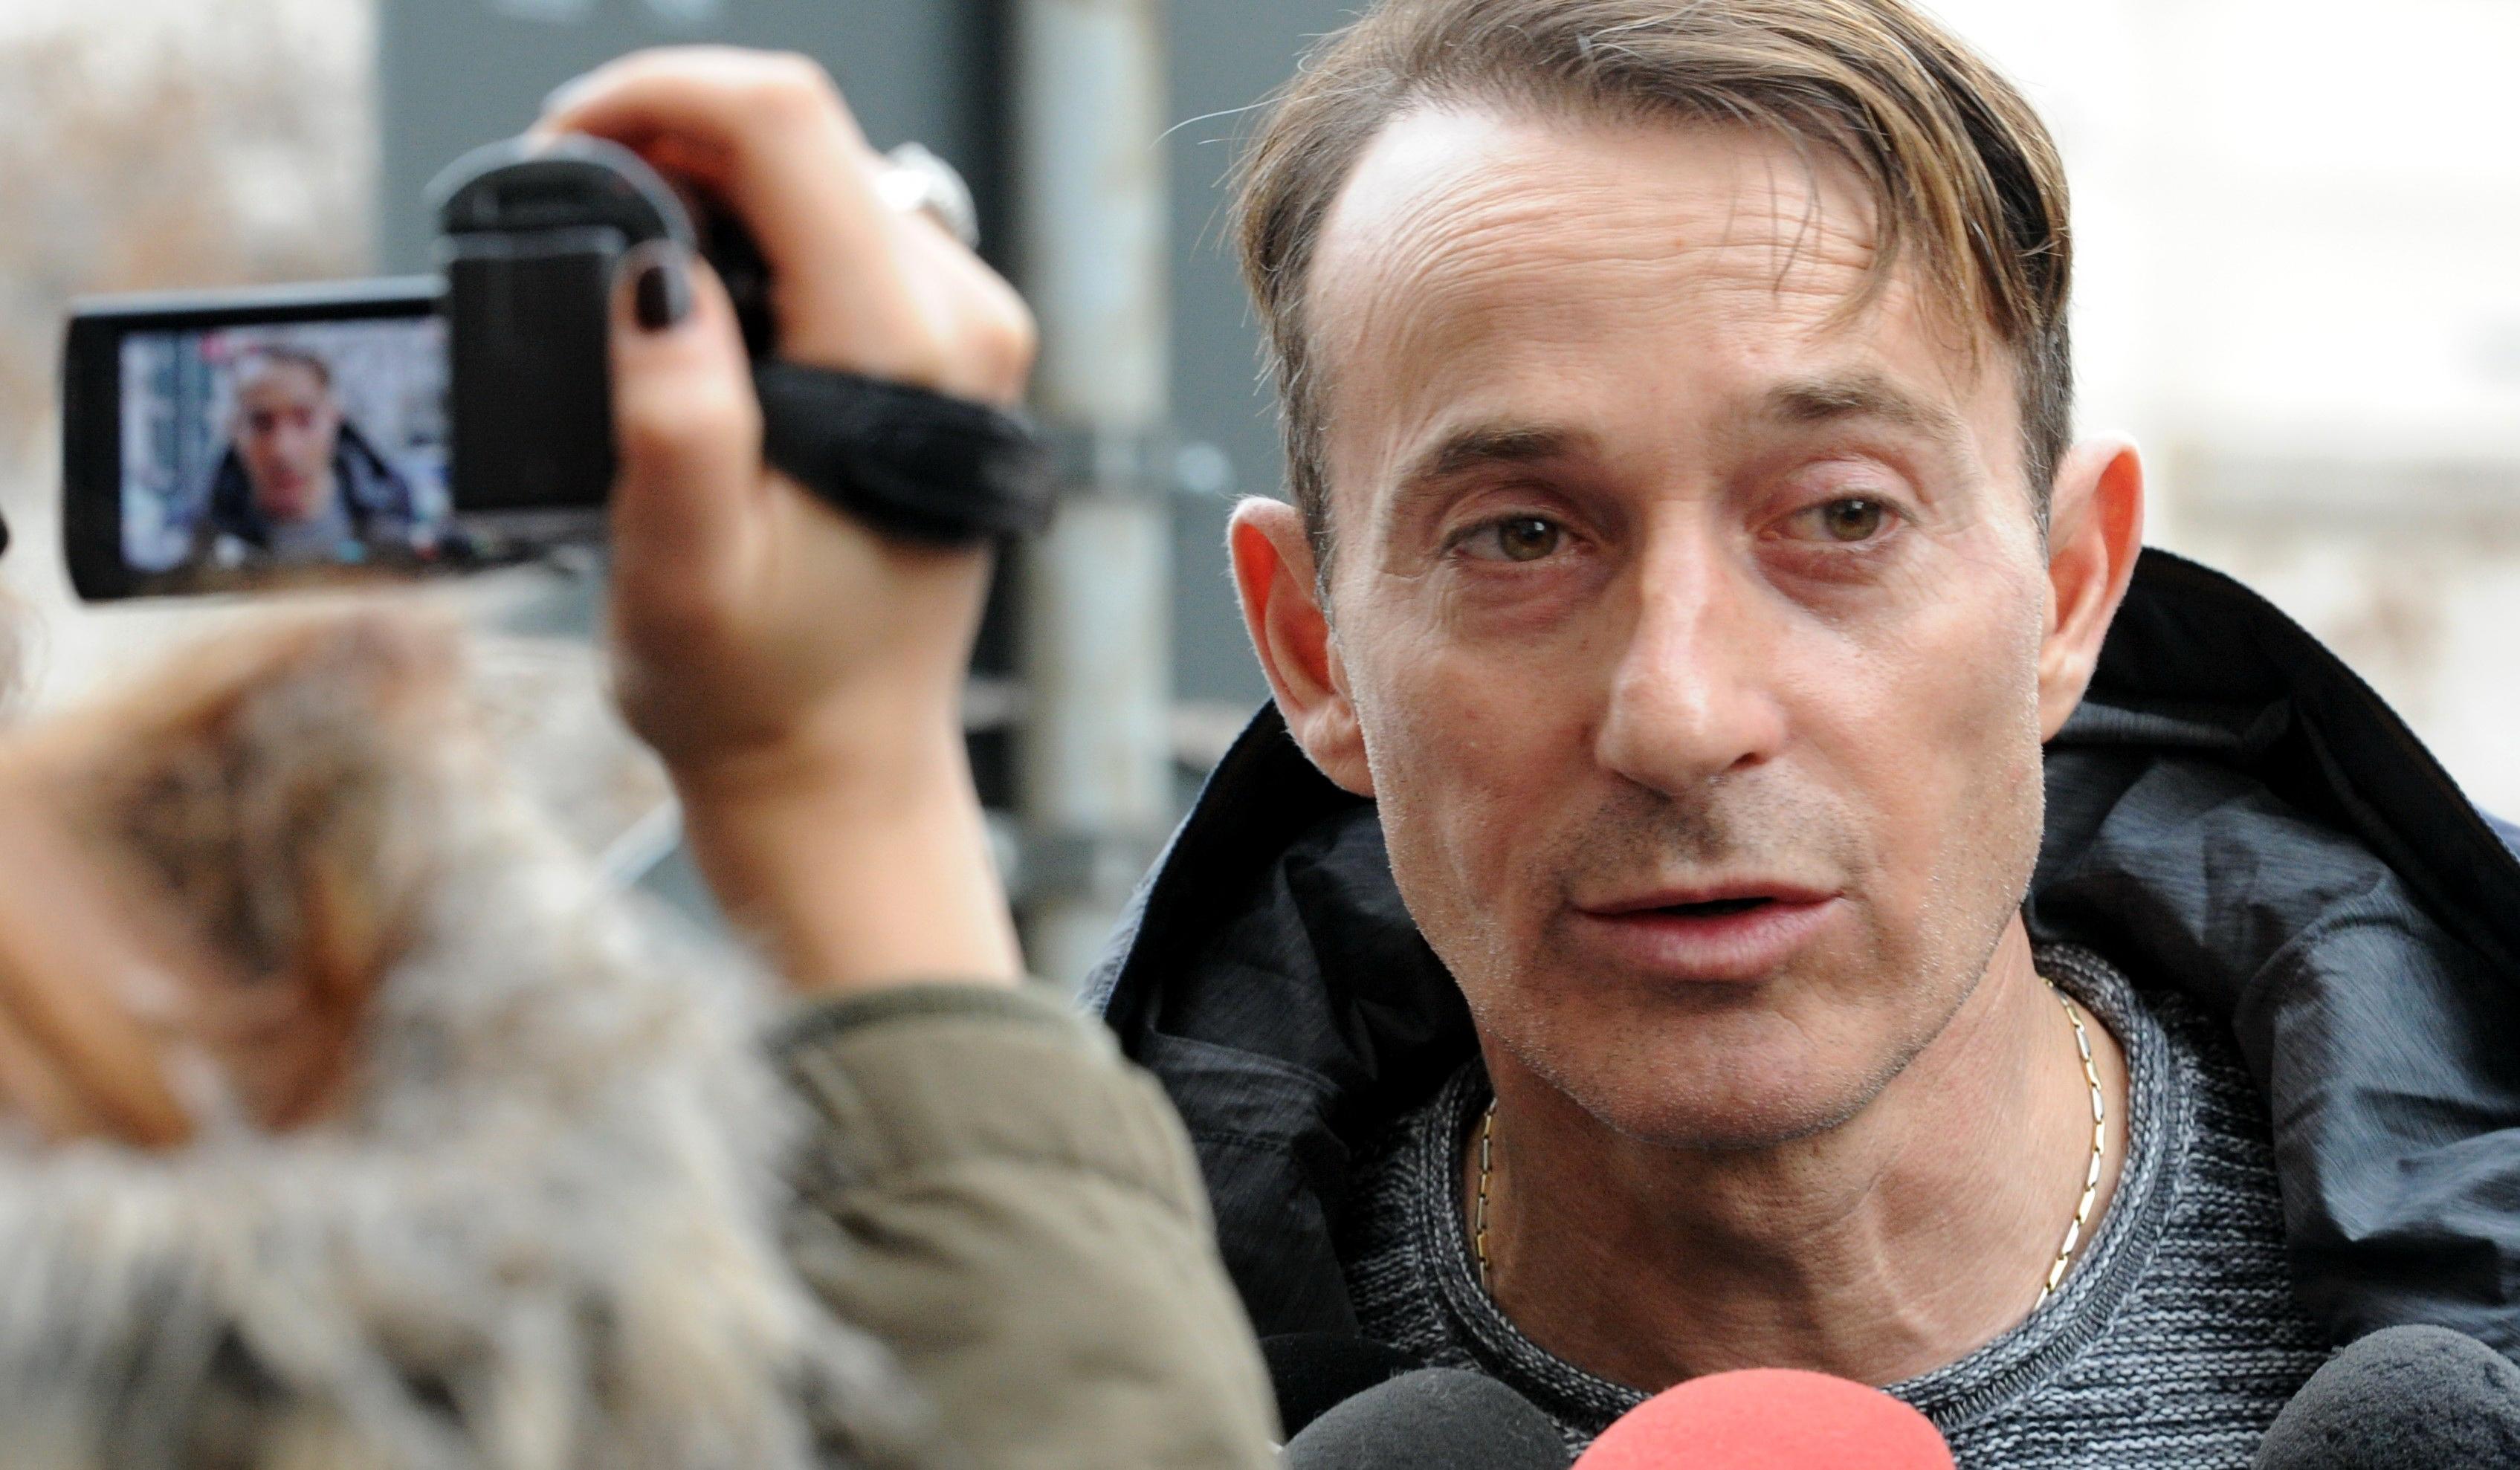 Ce il aşteapta pe Radu Mazare dupa extradare